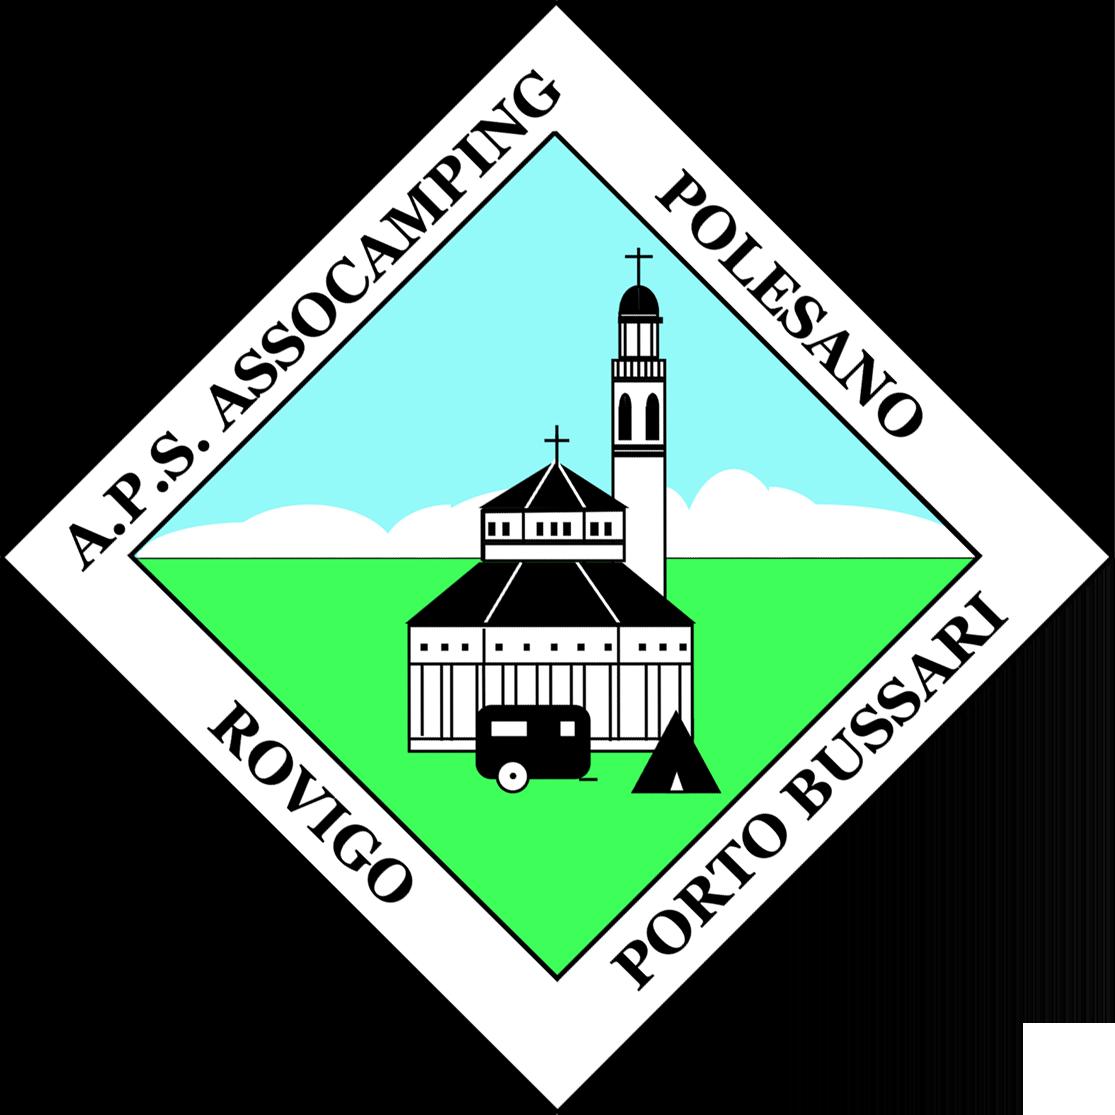 Campeggio Club Polesano Logo